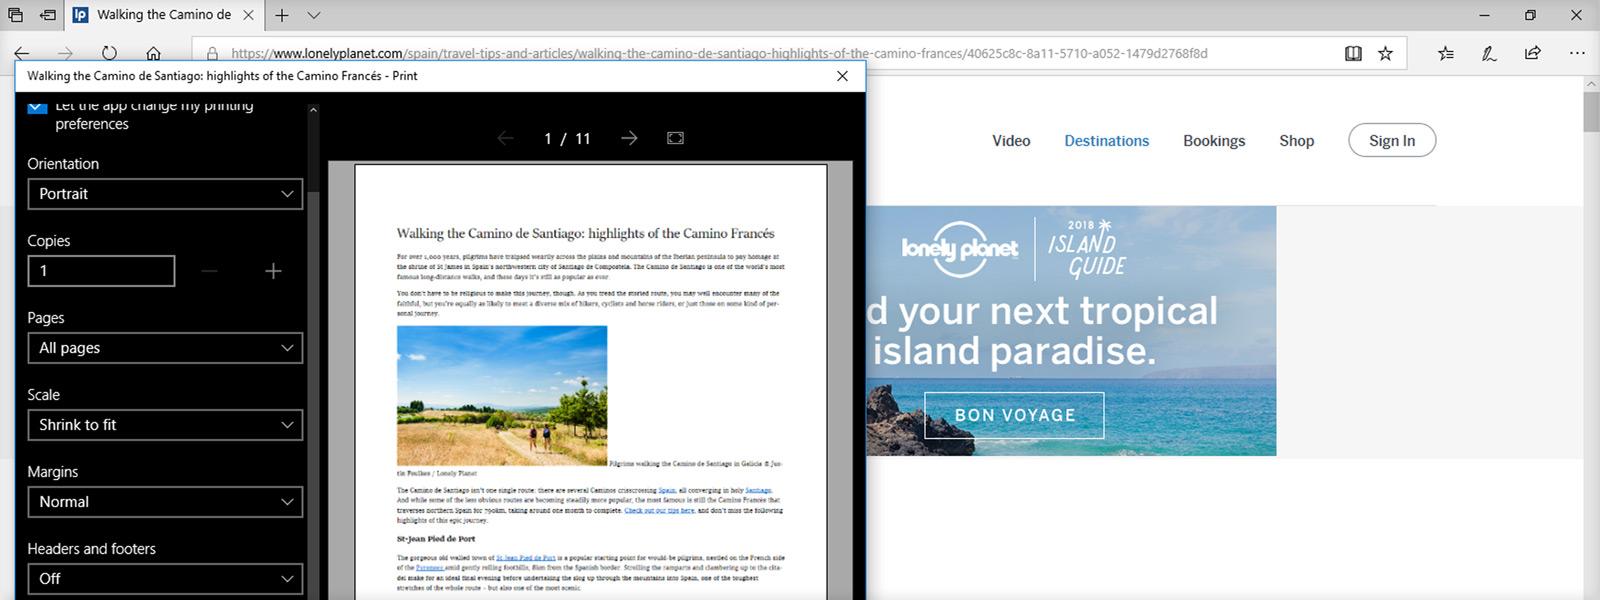 Изображение на экране демонстрирует предварительный просмотр печати в Edge, на котором отсутствуют рекламные объявления, имеющиеся на определенной веб-странице